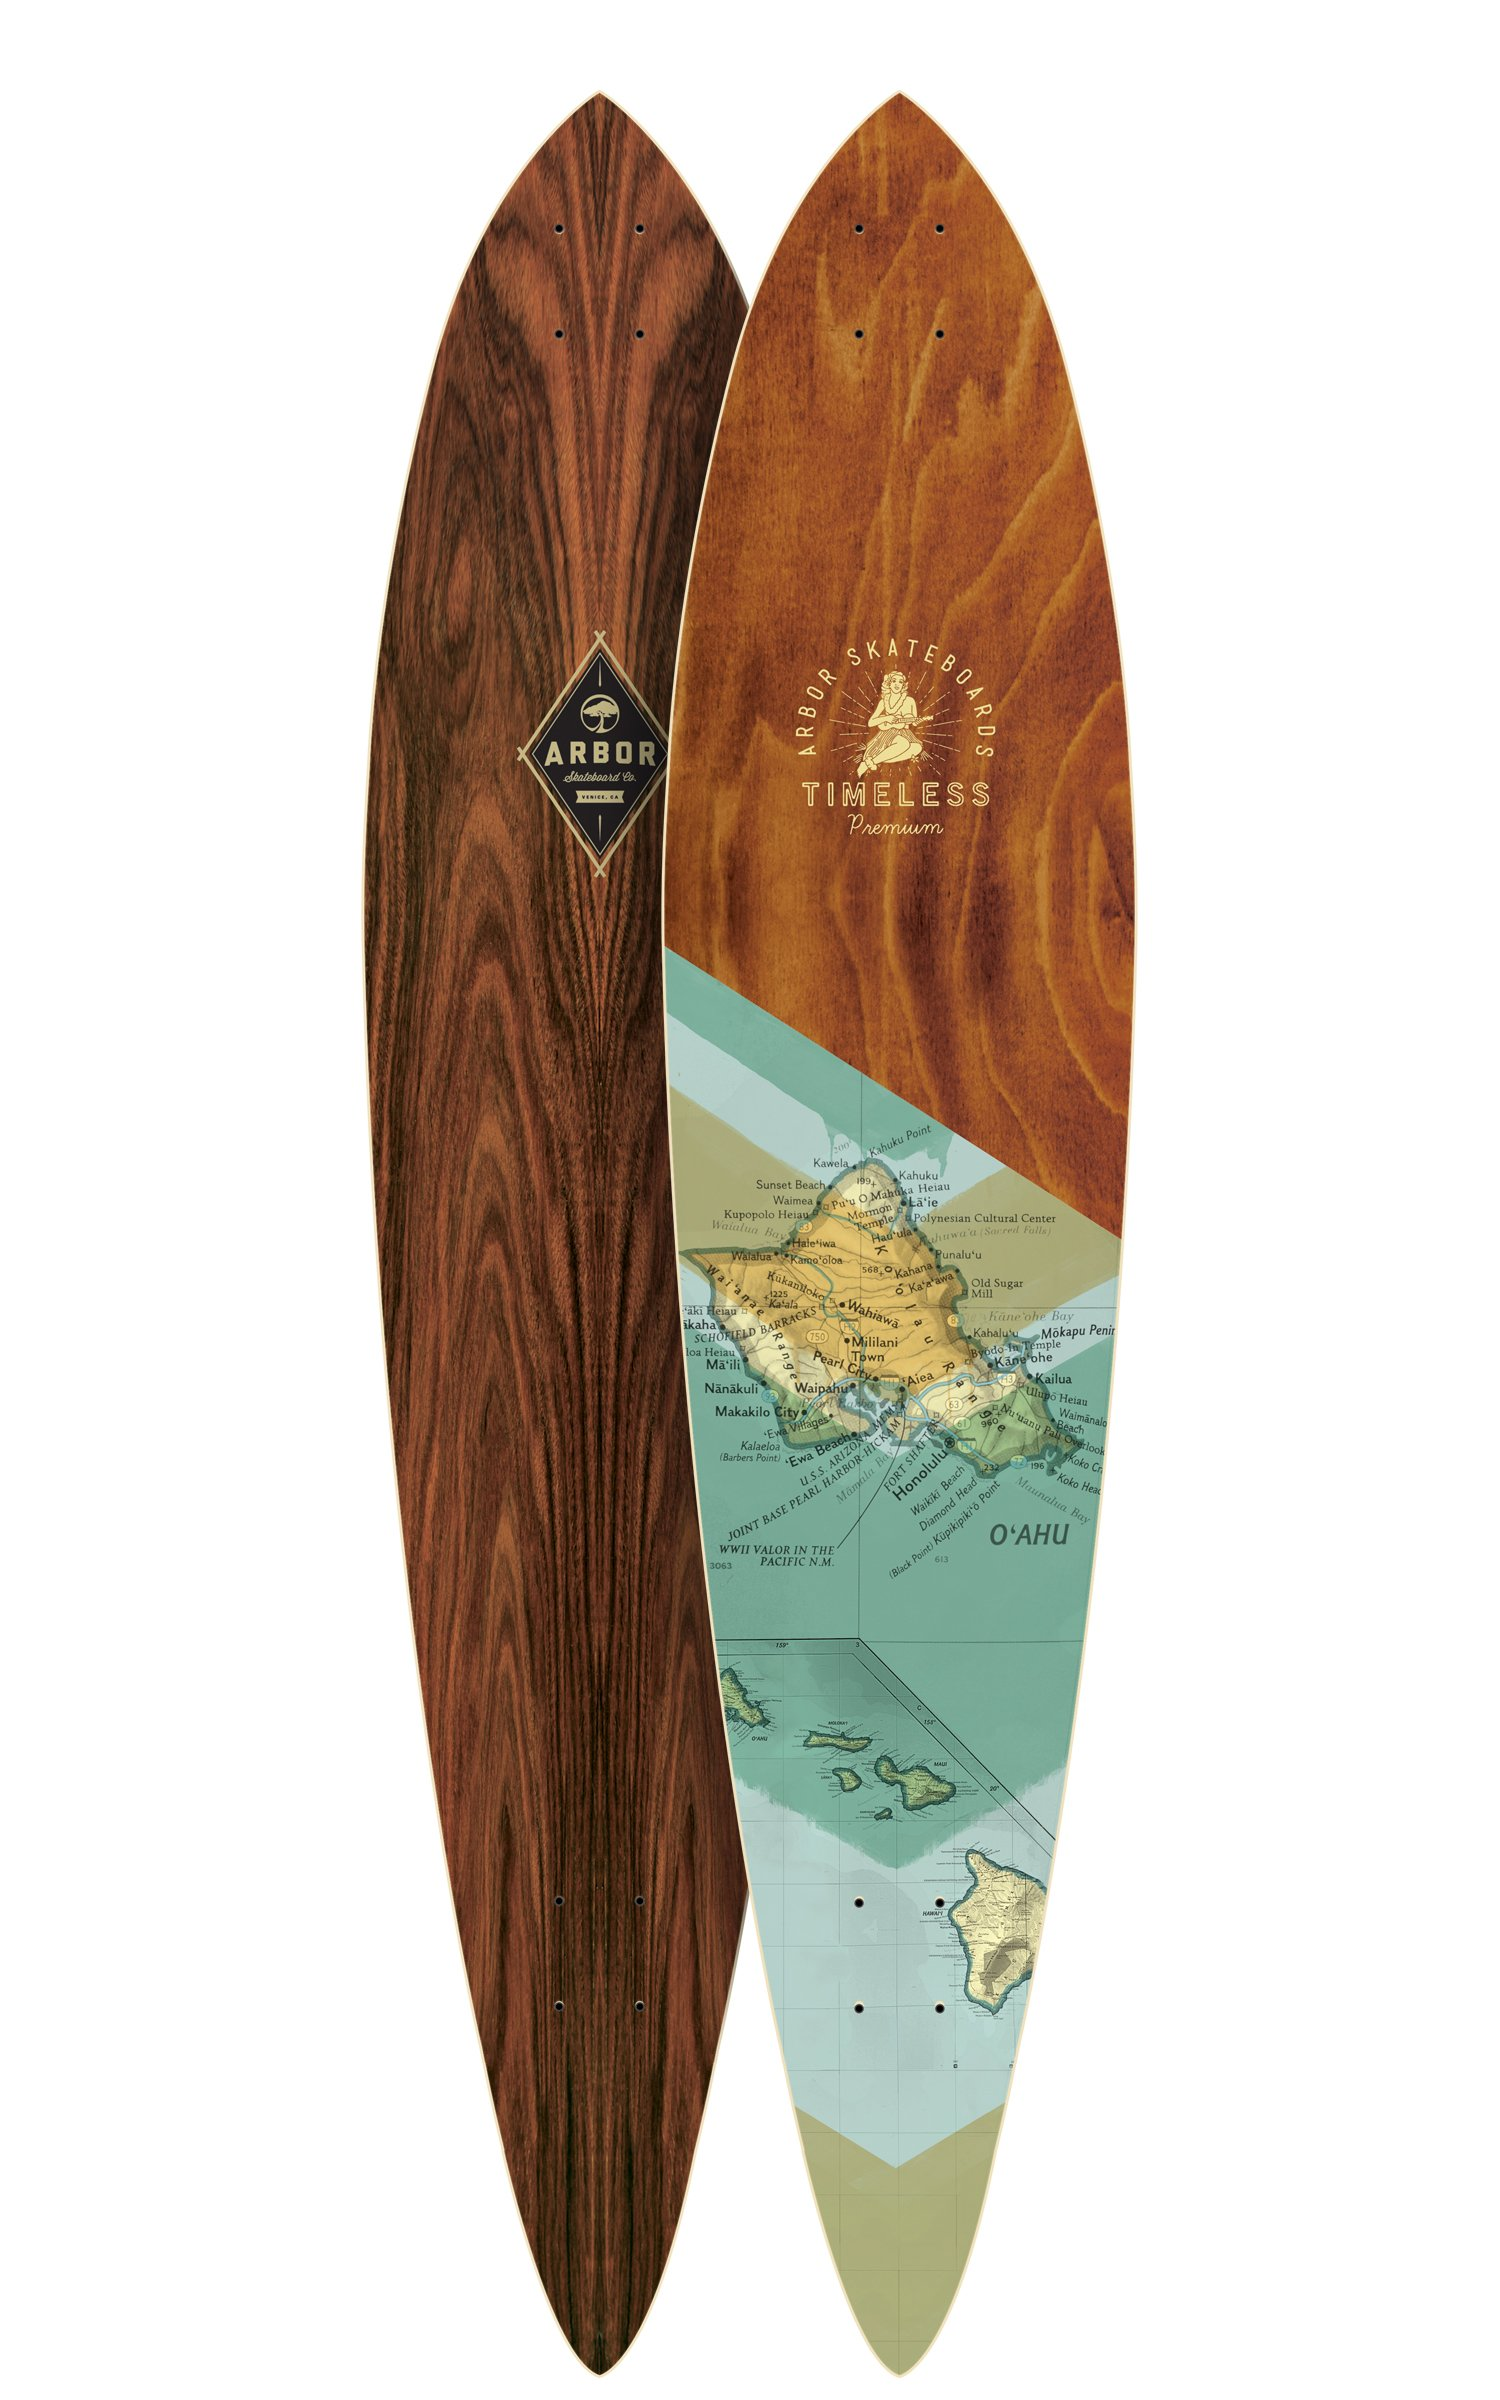 Arbor Timeless Premium Deck